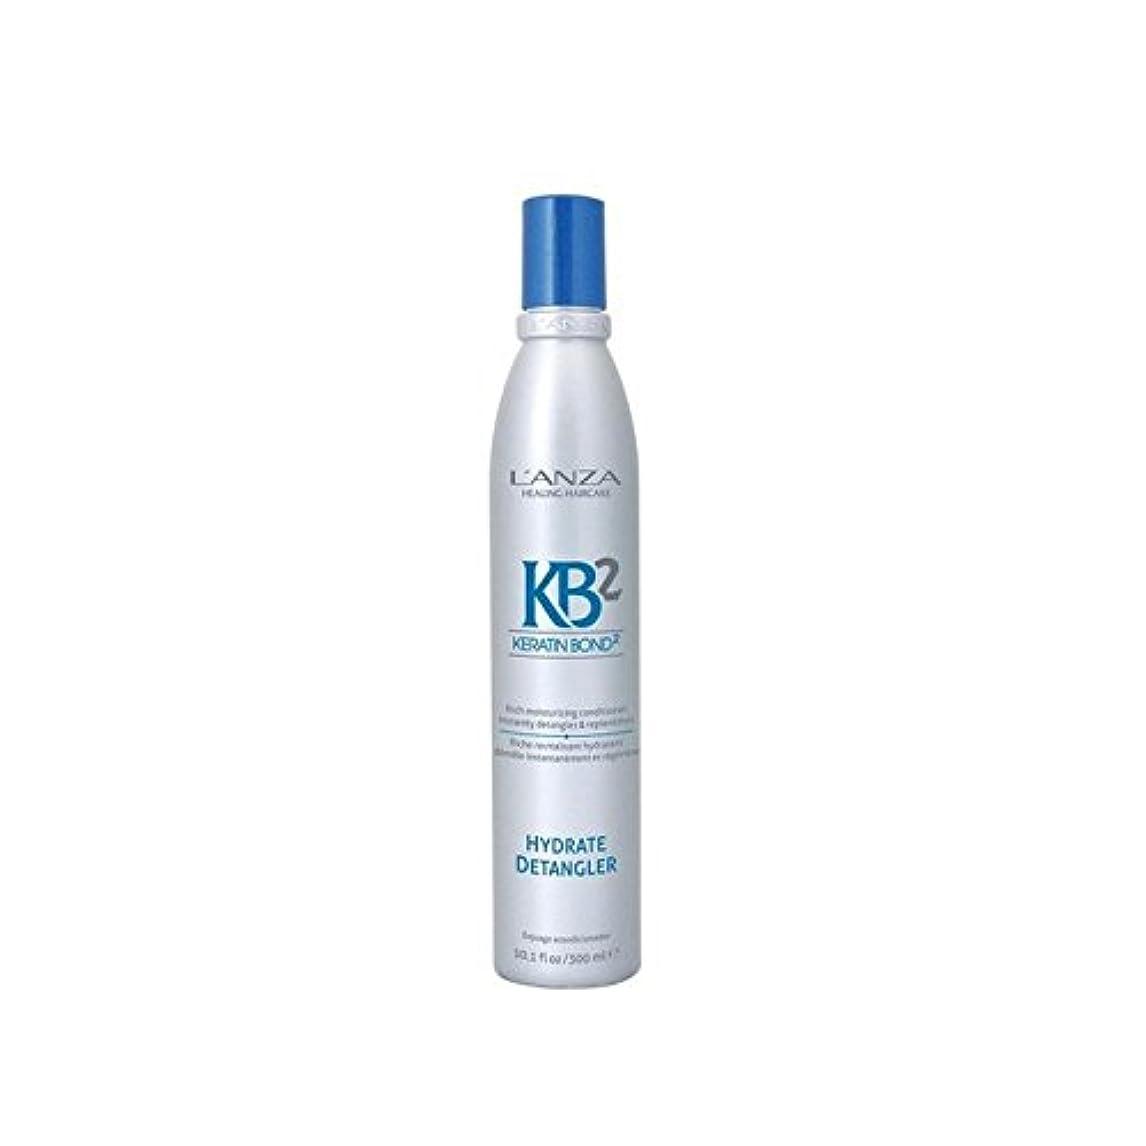 先史時代のめるサラダL'Anza Kb2 Hydrate Detangler (300ml) (Pack of 6) - アンザ2和物(300ミリリットル) x6 [並行輸入品]